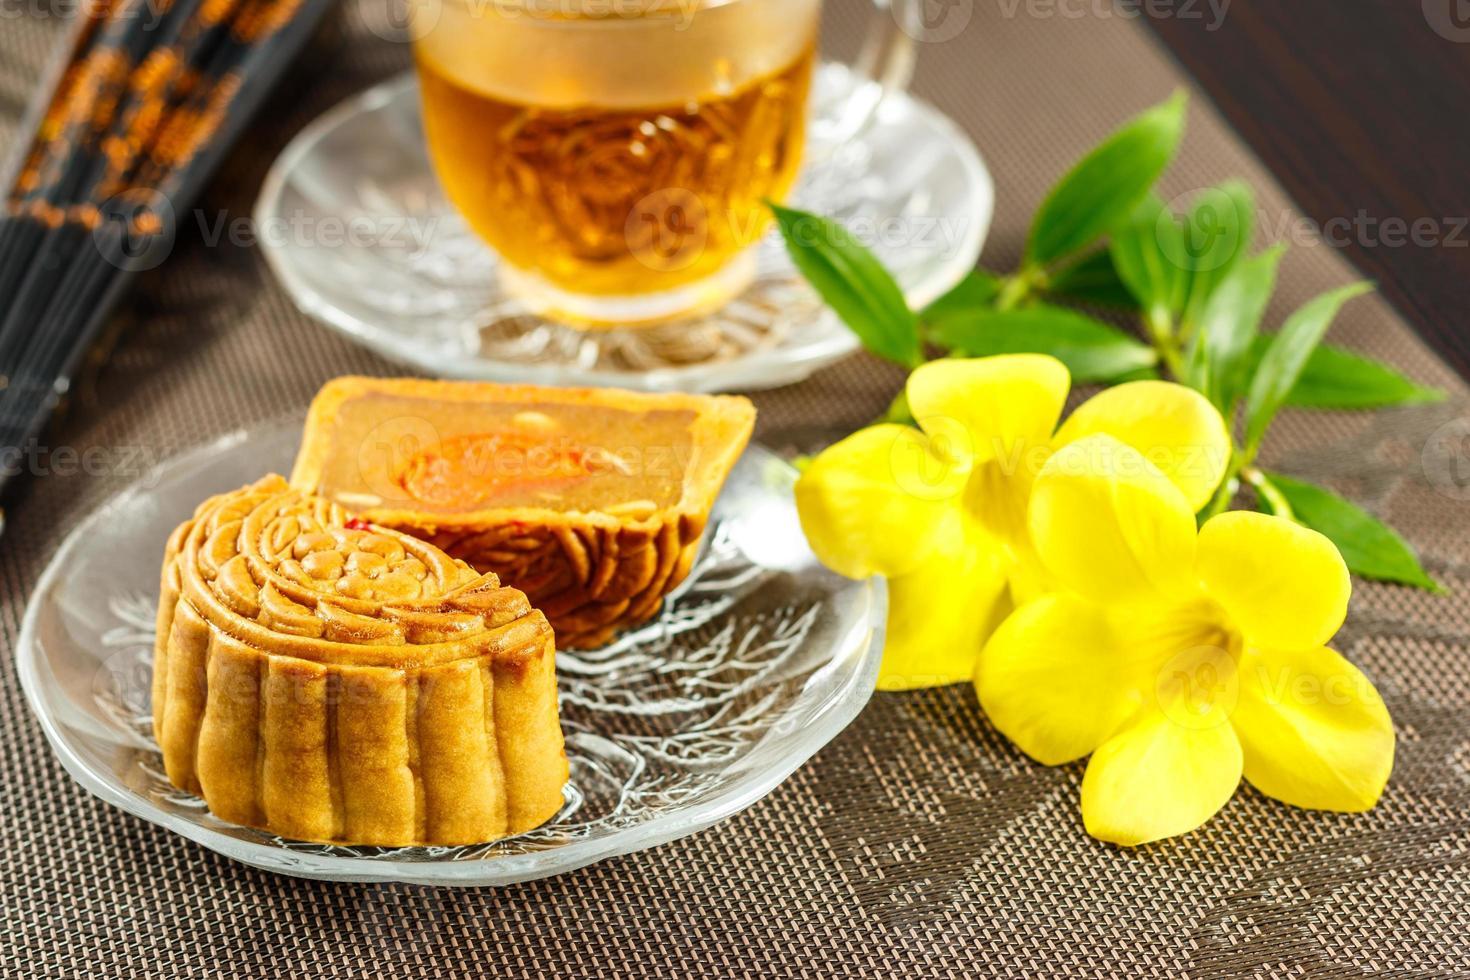 heerlijke mooncake en hete thee met gele bloemelementen. foto